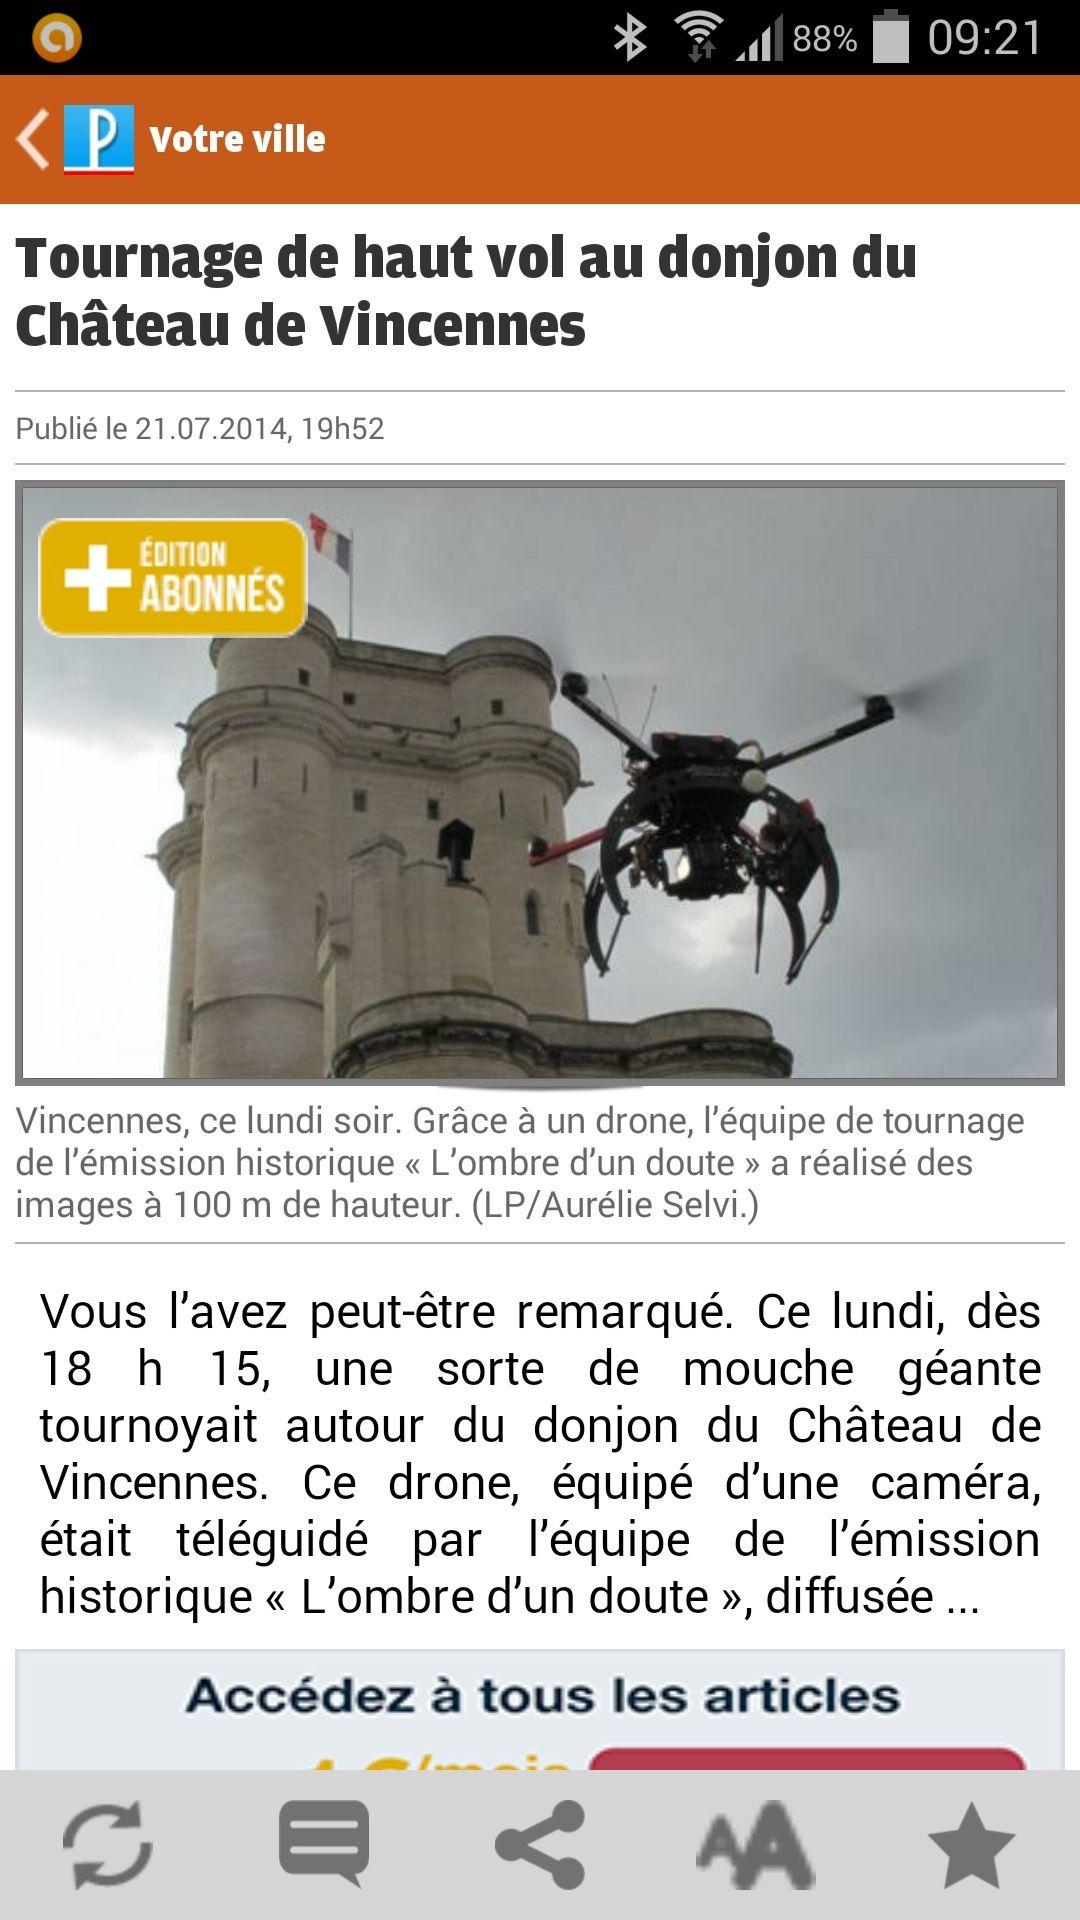 Reportage TV + Presse Screen10